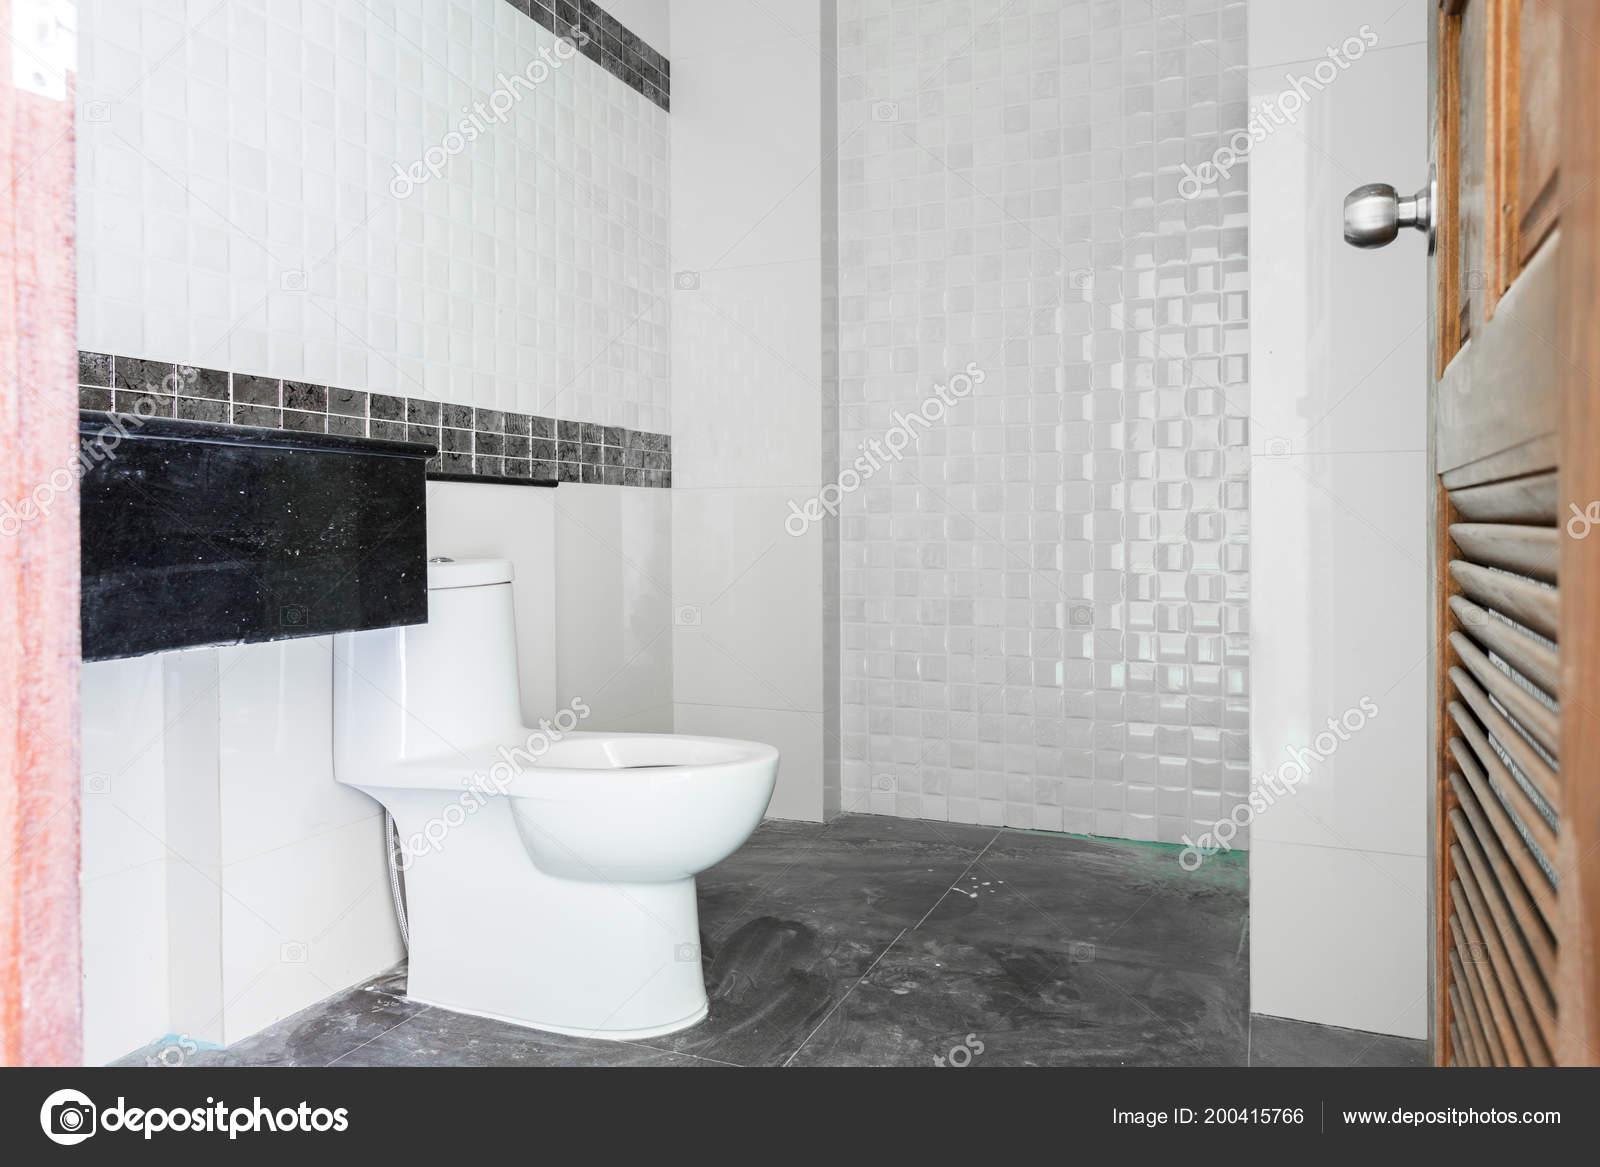 Casa bagno design moderno bianco sanitari bagno costruzione u foto